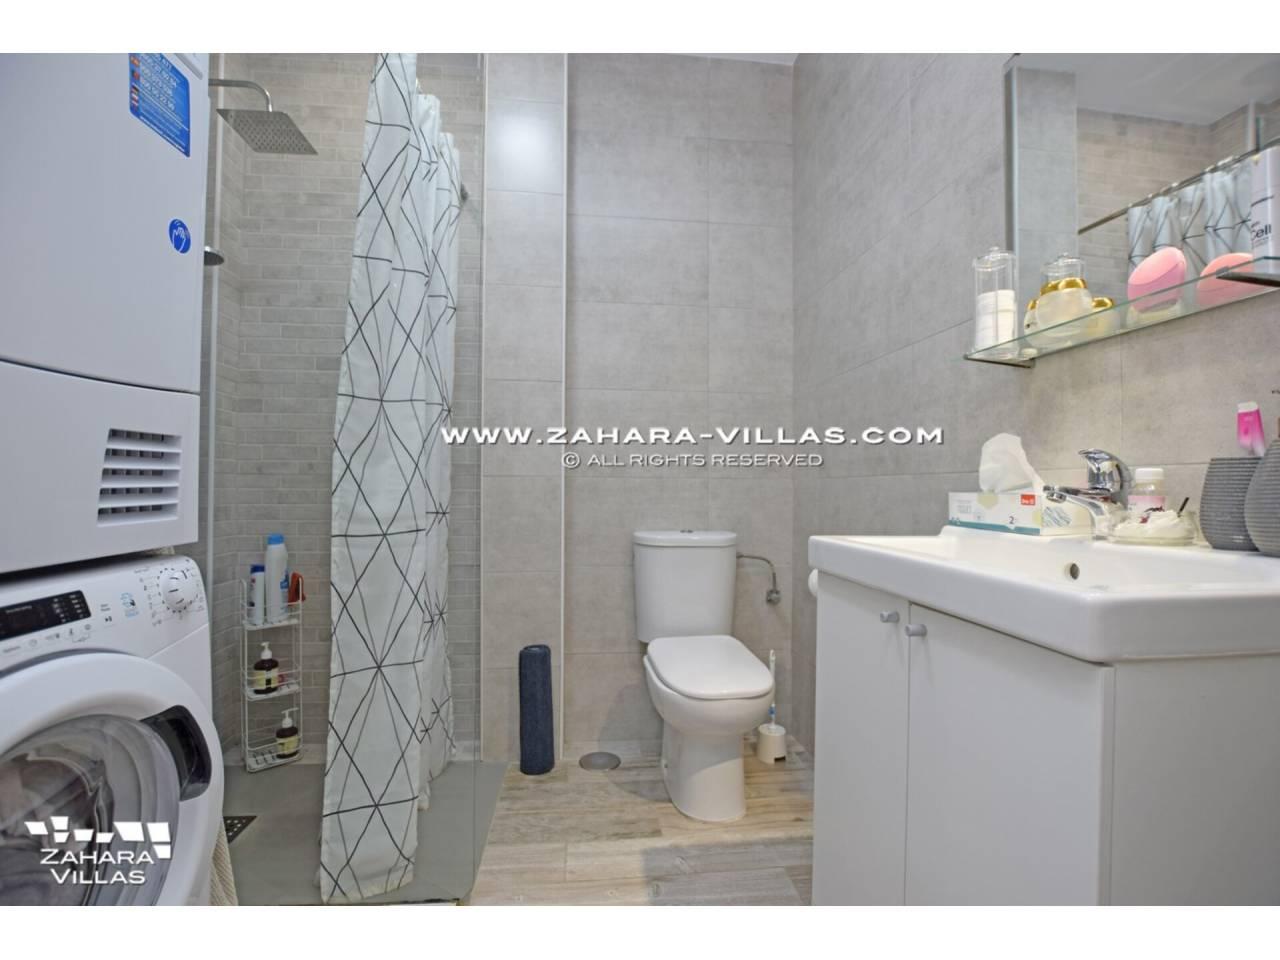 Imagen 47 de Haus zum verkauf in Zahara de los Atunes